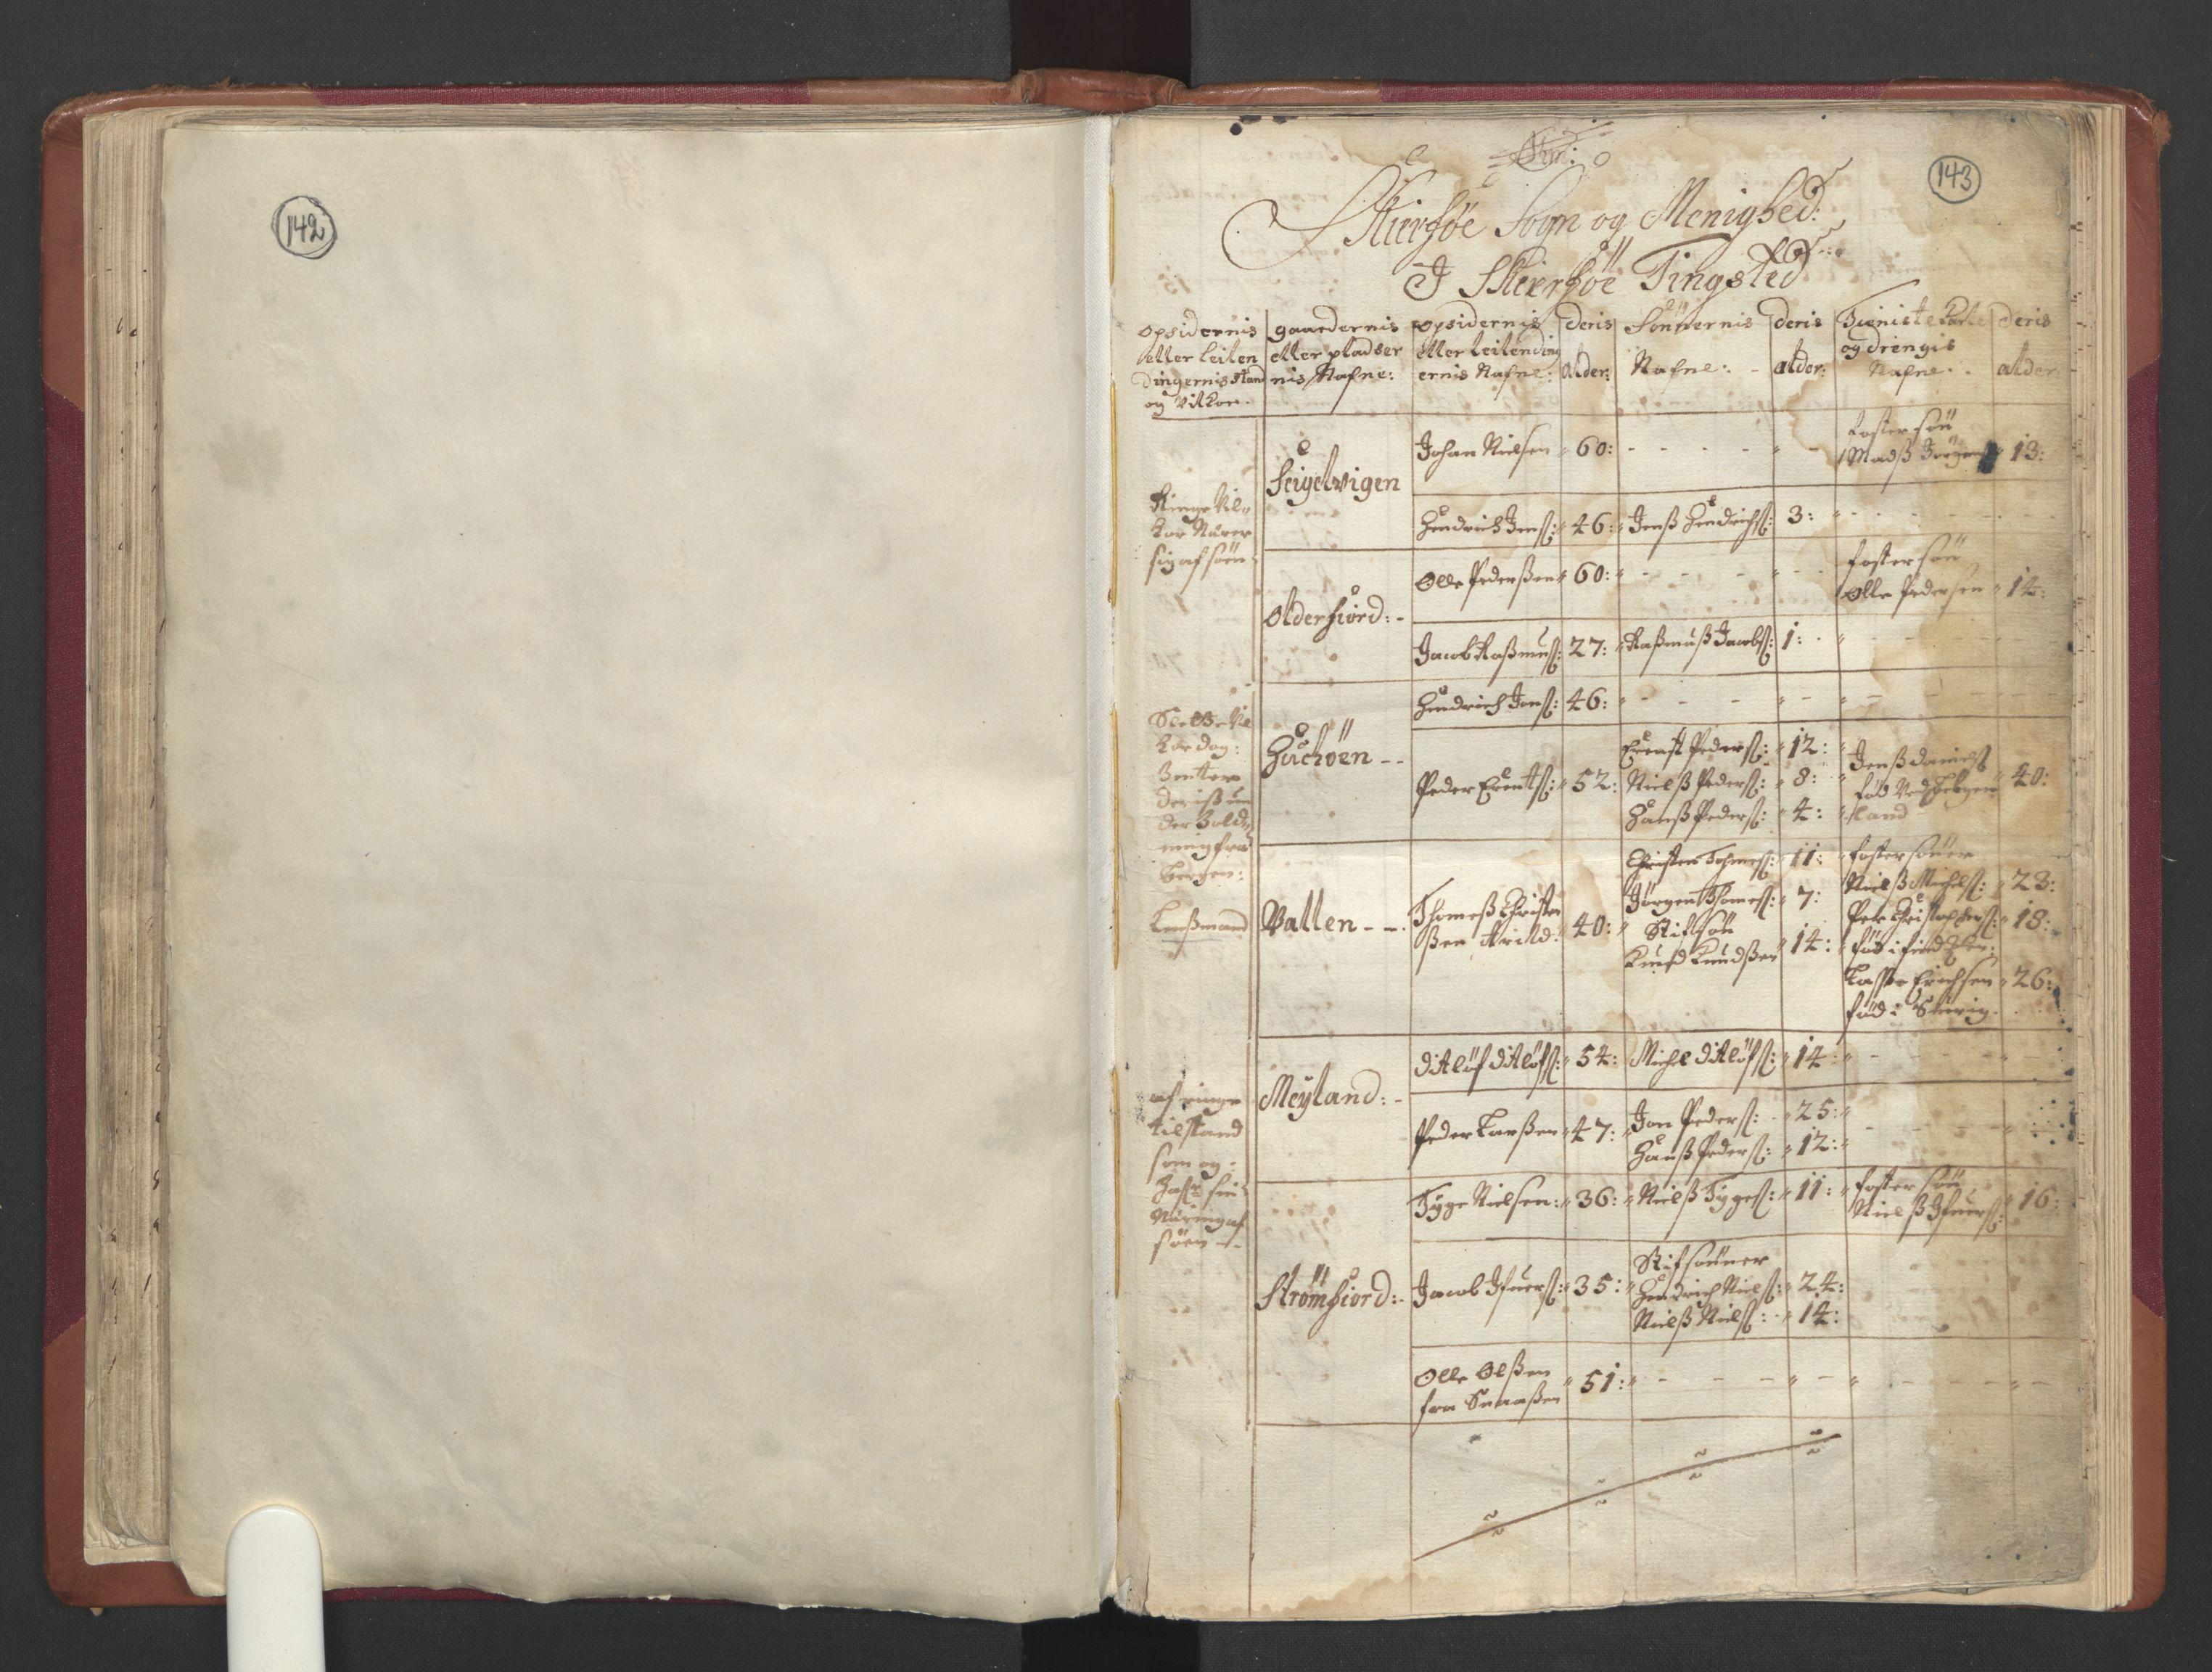 RA, Manntallet 1701, nr. 19: Senja og Tromsø fogderi, 1701, s. 142-143